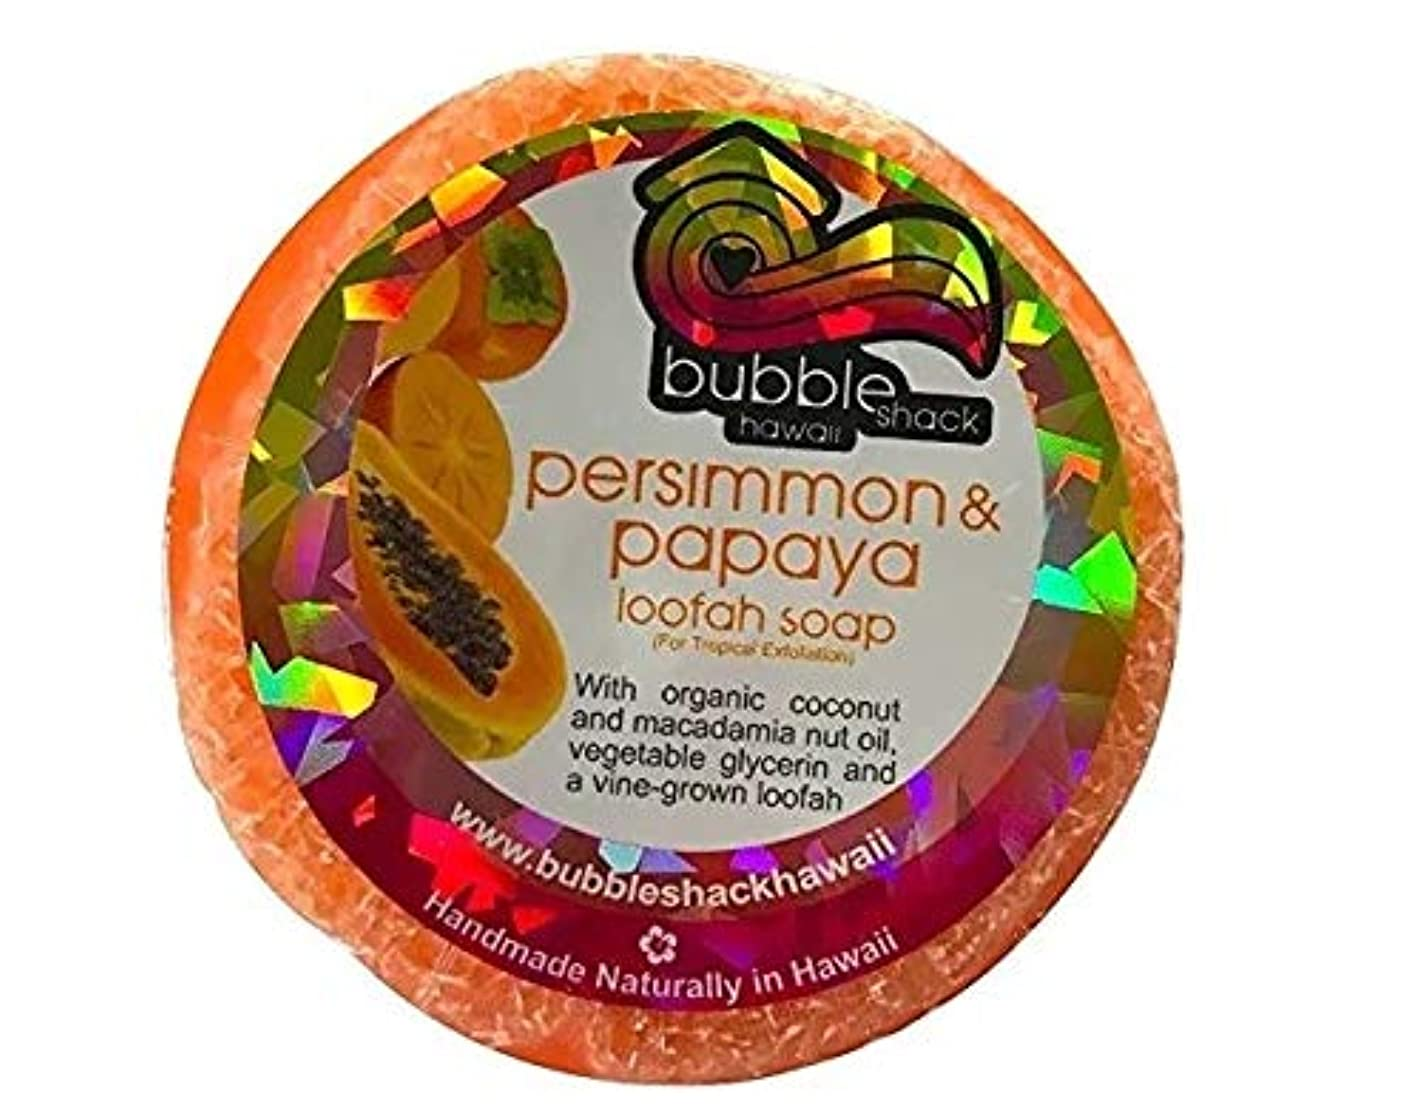 ワーカー海洋レオナルドダハワイアン雑貨/ハワイ 雑貨【バブルシャック】Bubble Shack Hawaii ルーファーソープ(柿&パパイヤ) 【お土産】